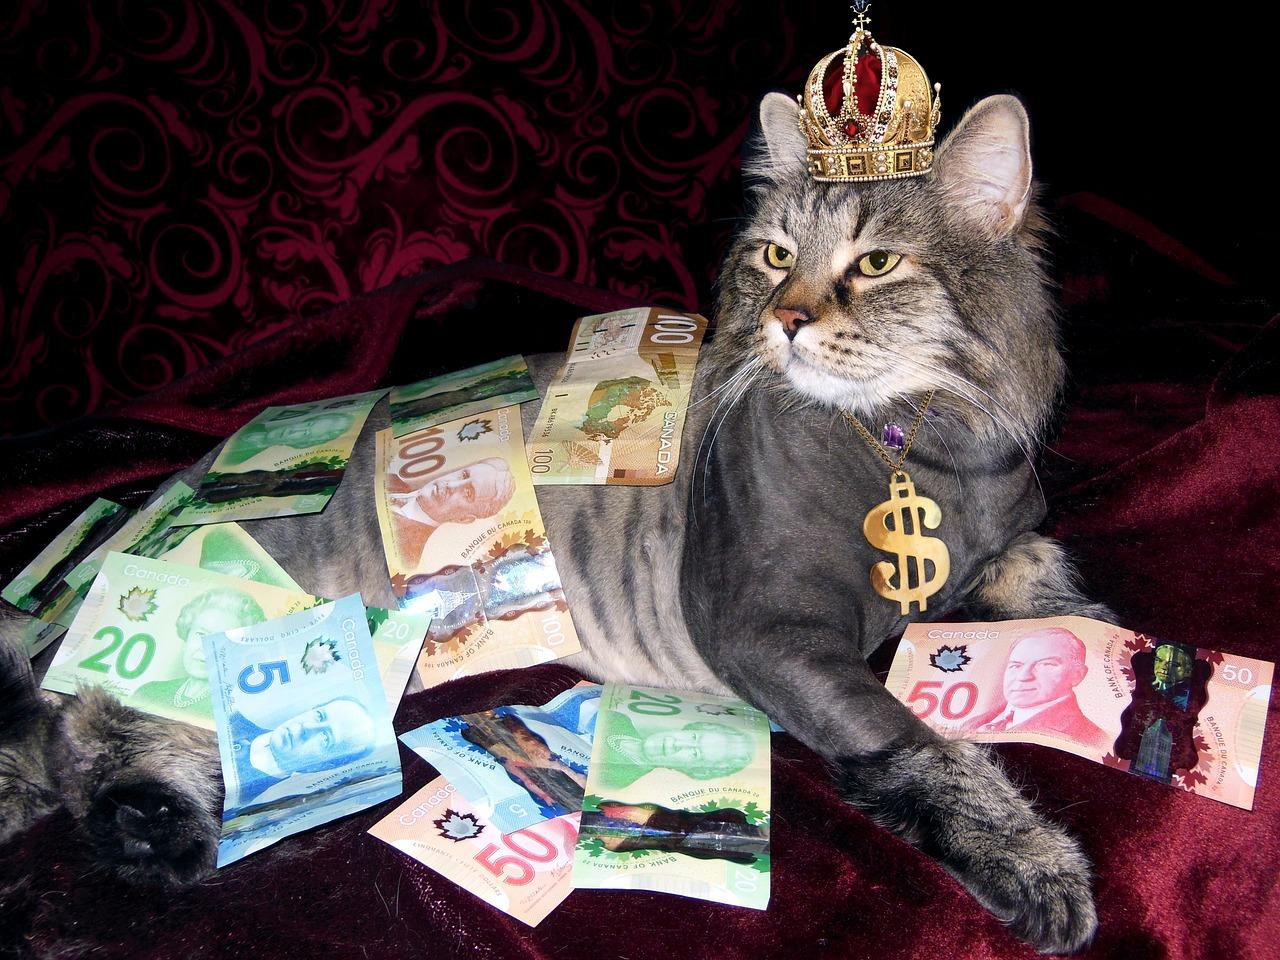 [STRATEGIE] Votre salaire n'est pas votre richesse